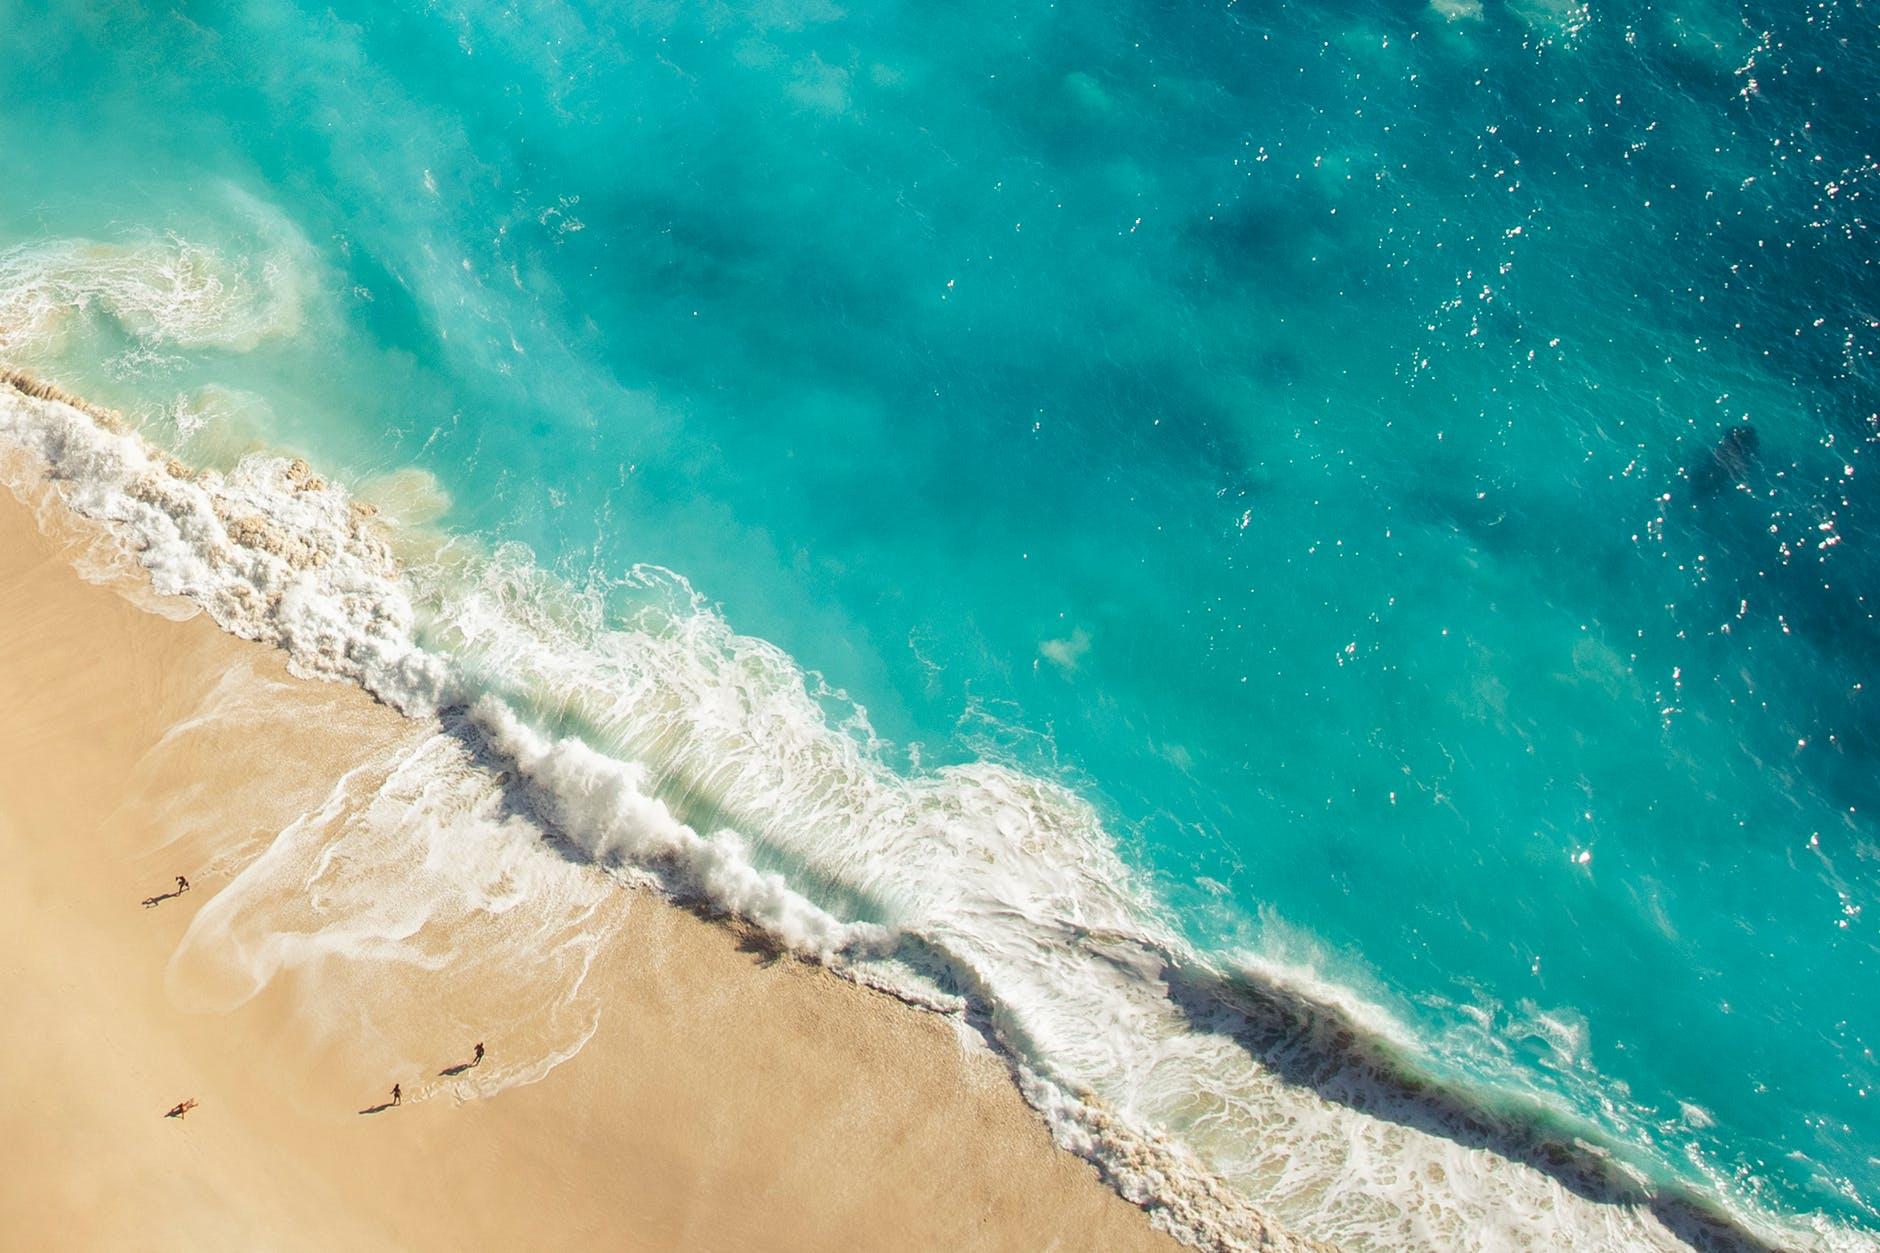 bird s eye view of ocean during daytime